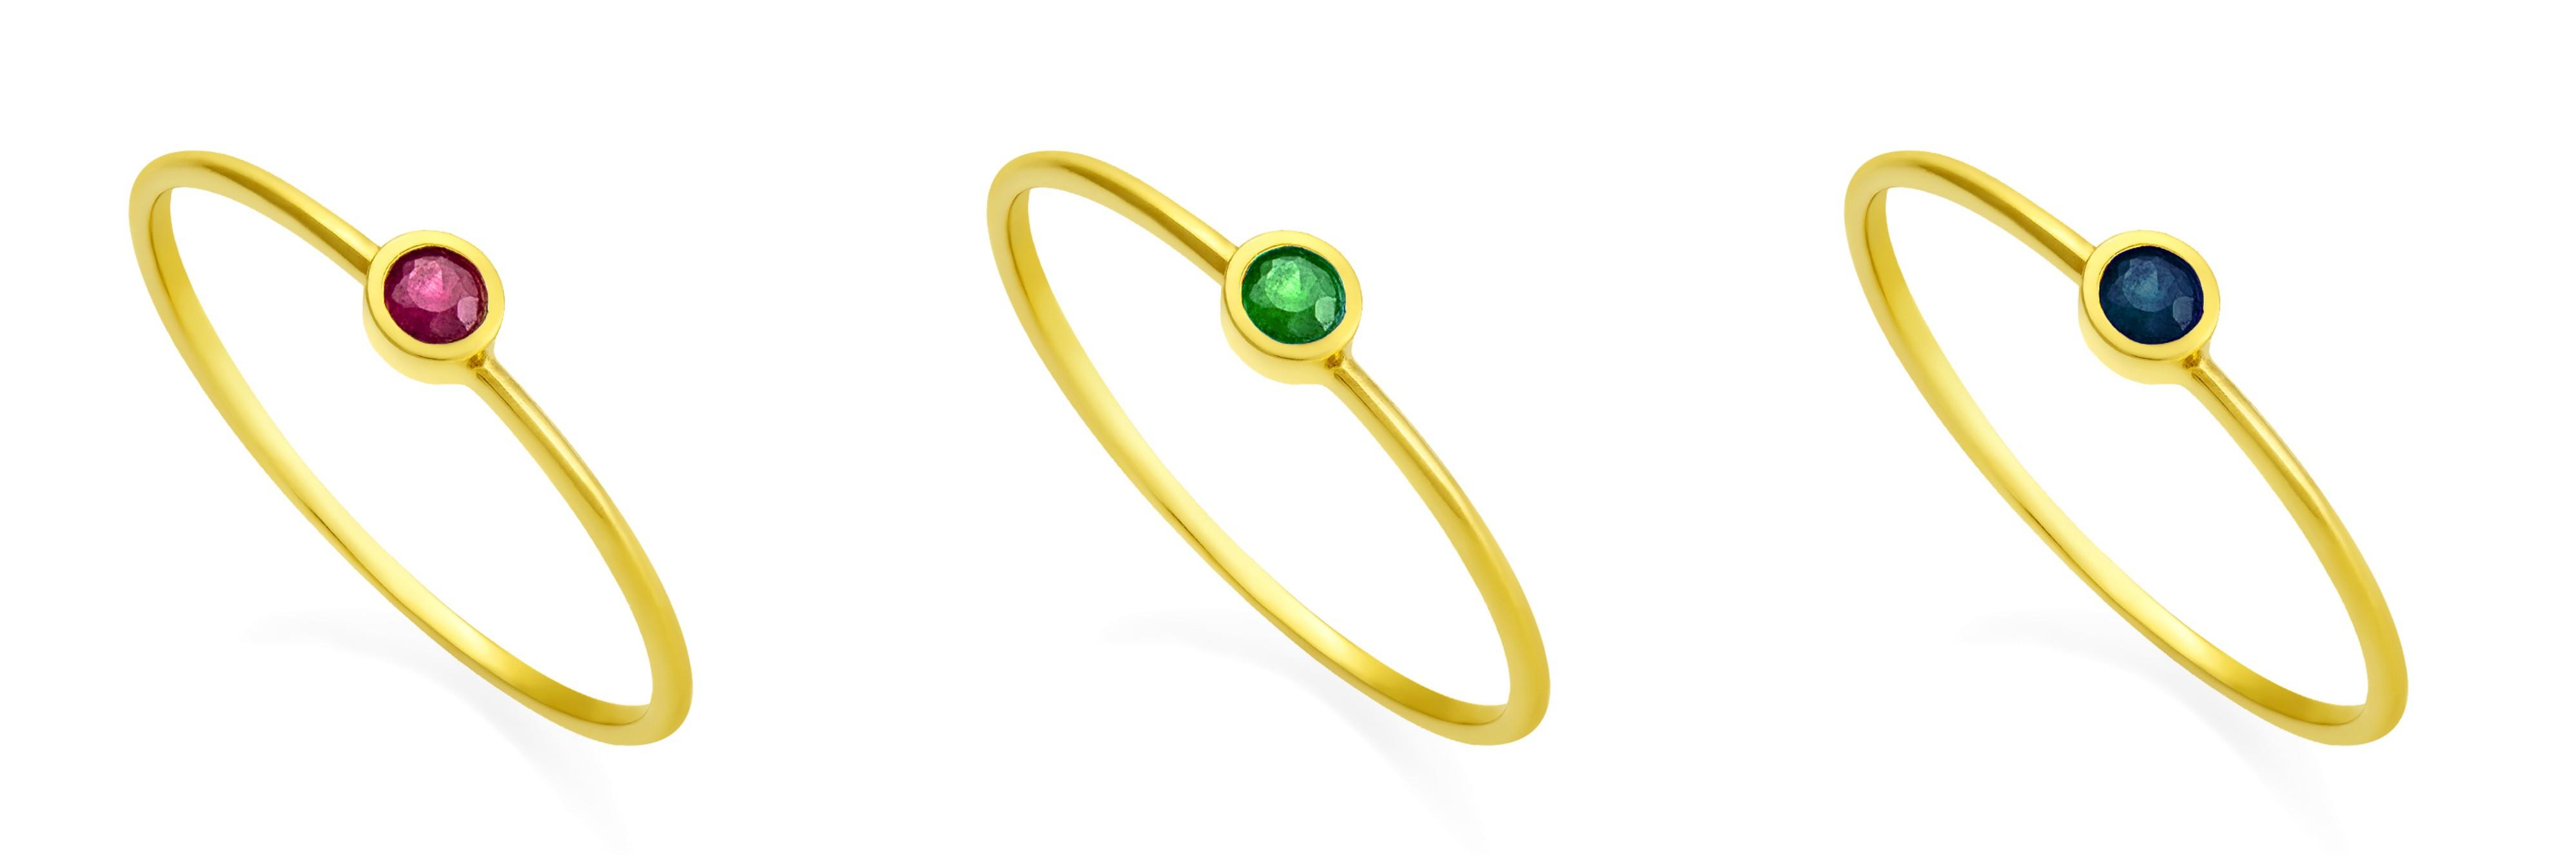 primeiras-pedra-preciosa-joiasgold